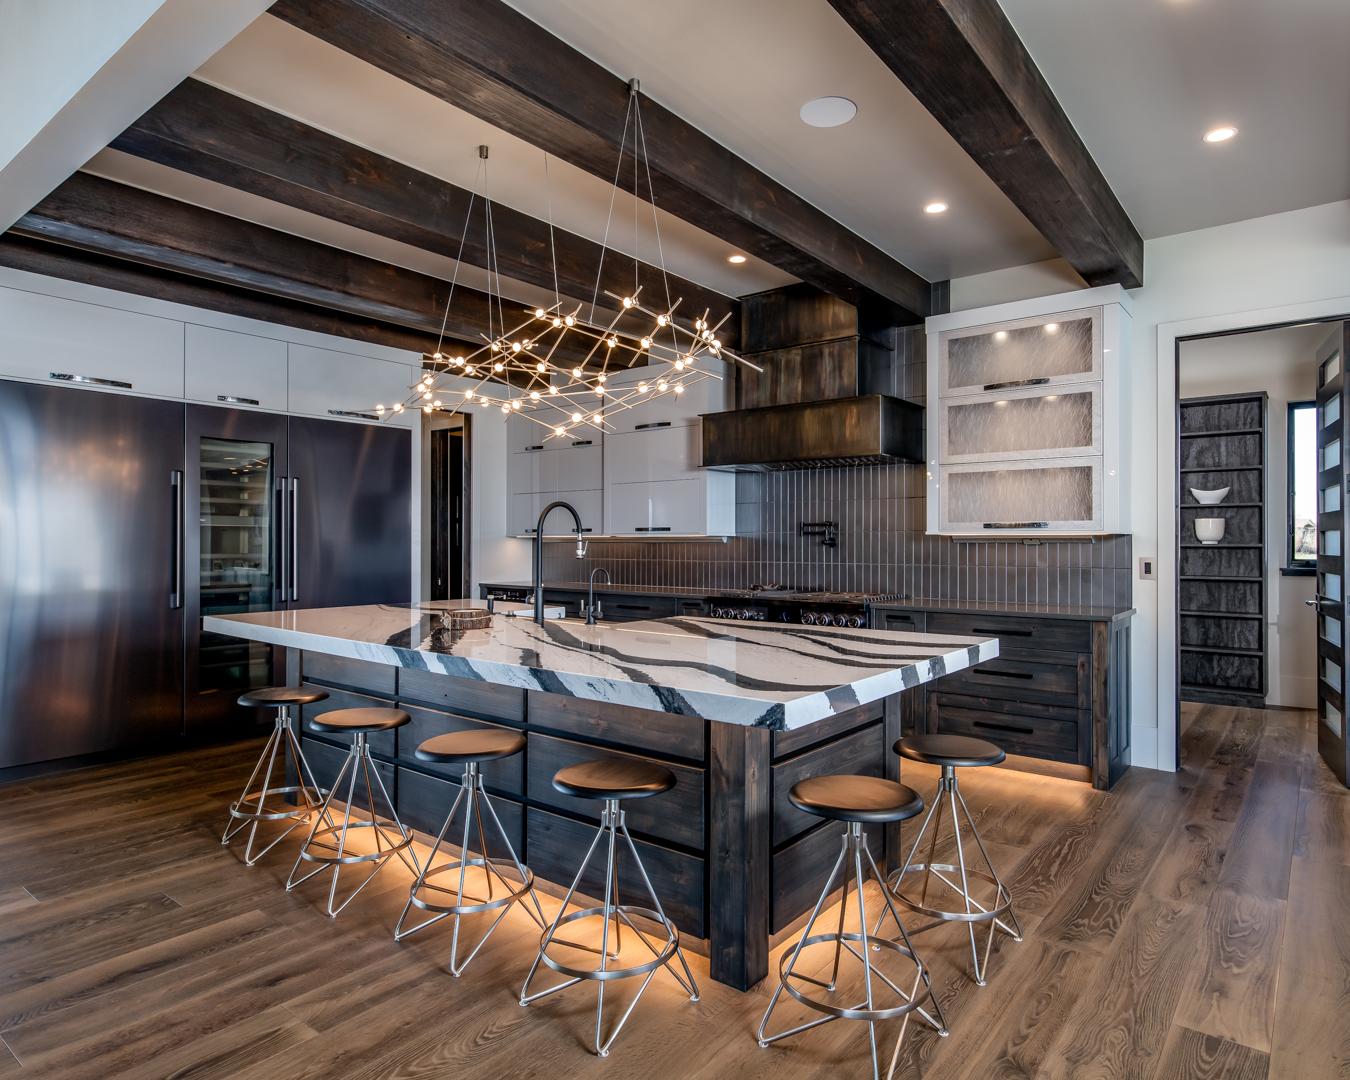 Colorado chef's kitchen design